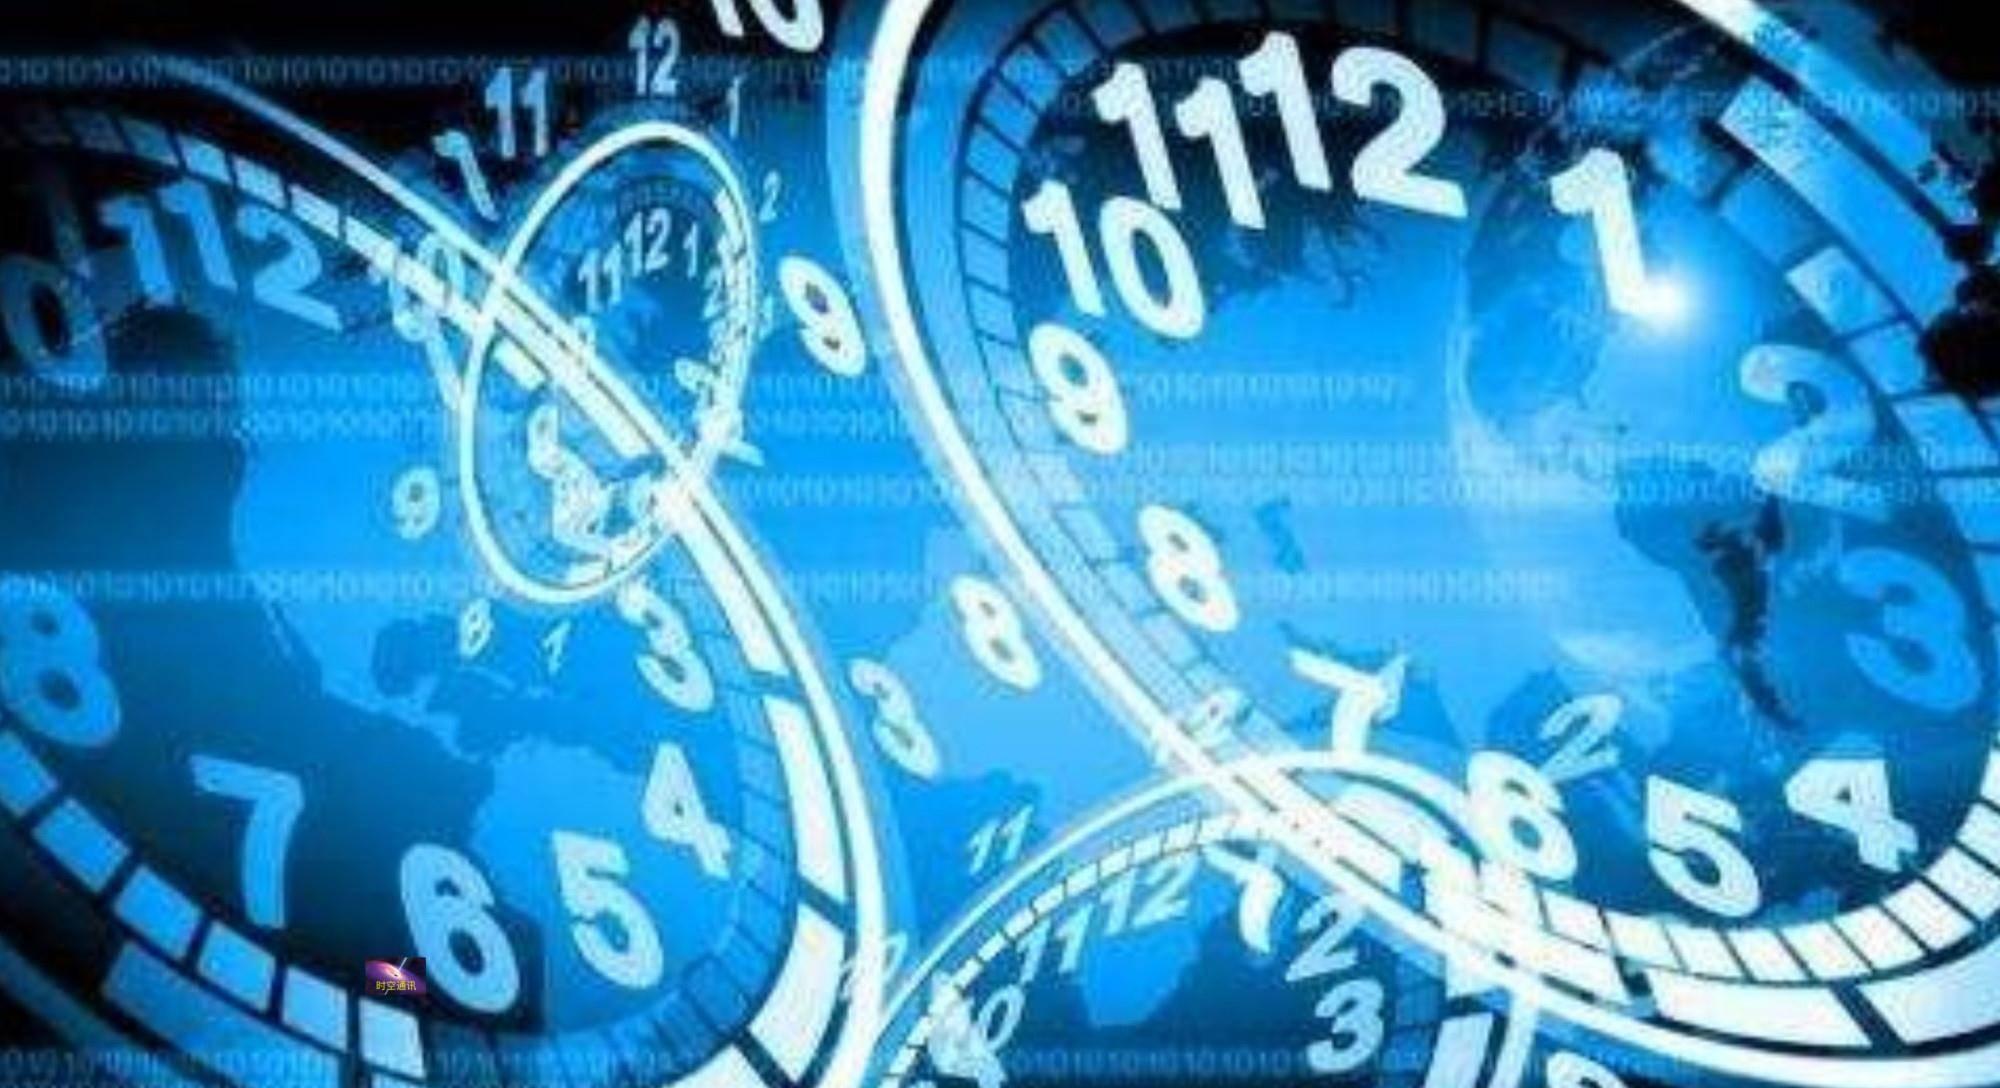 时间不是物质,也没有质量,怎么会受速度和引力影响变慢呢?